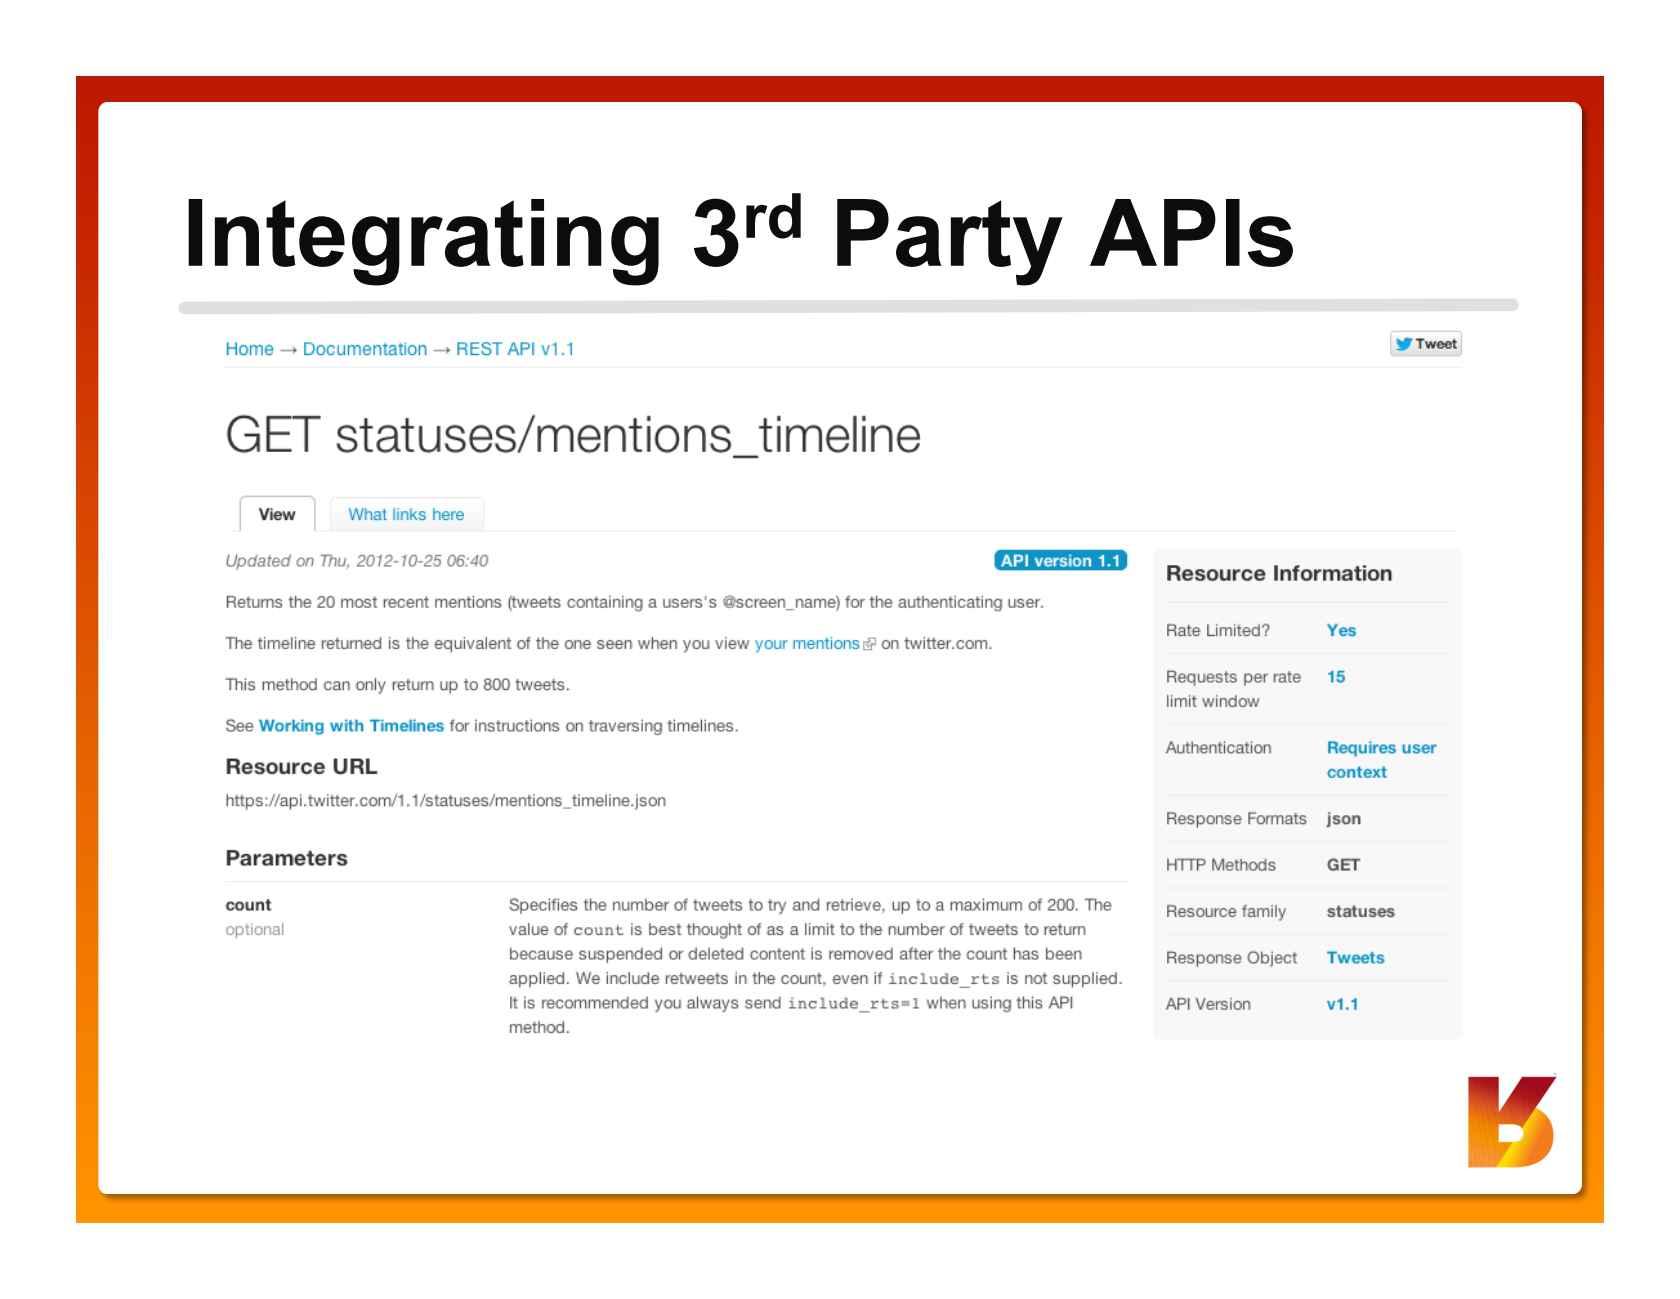 API Conf Panel: API Design Best Practices